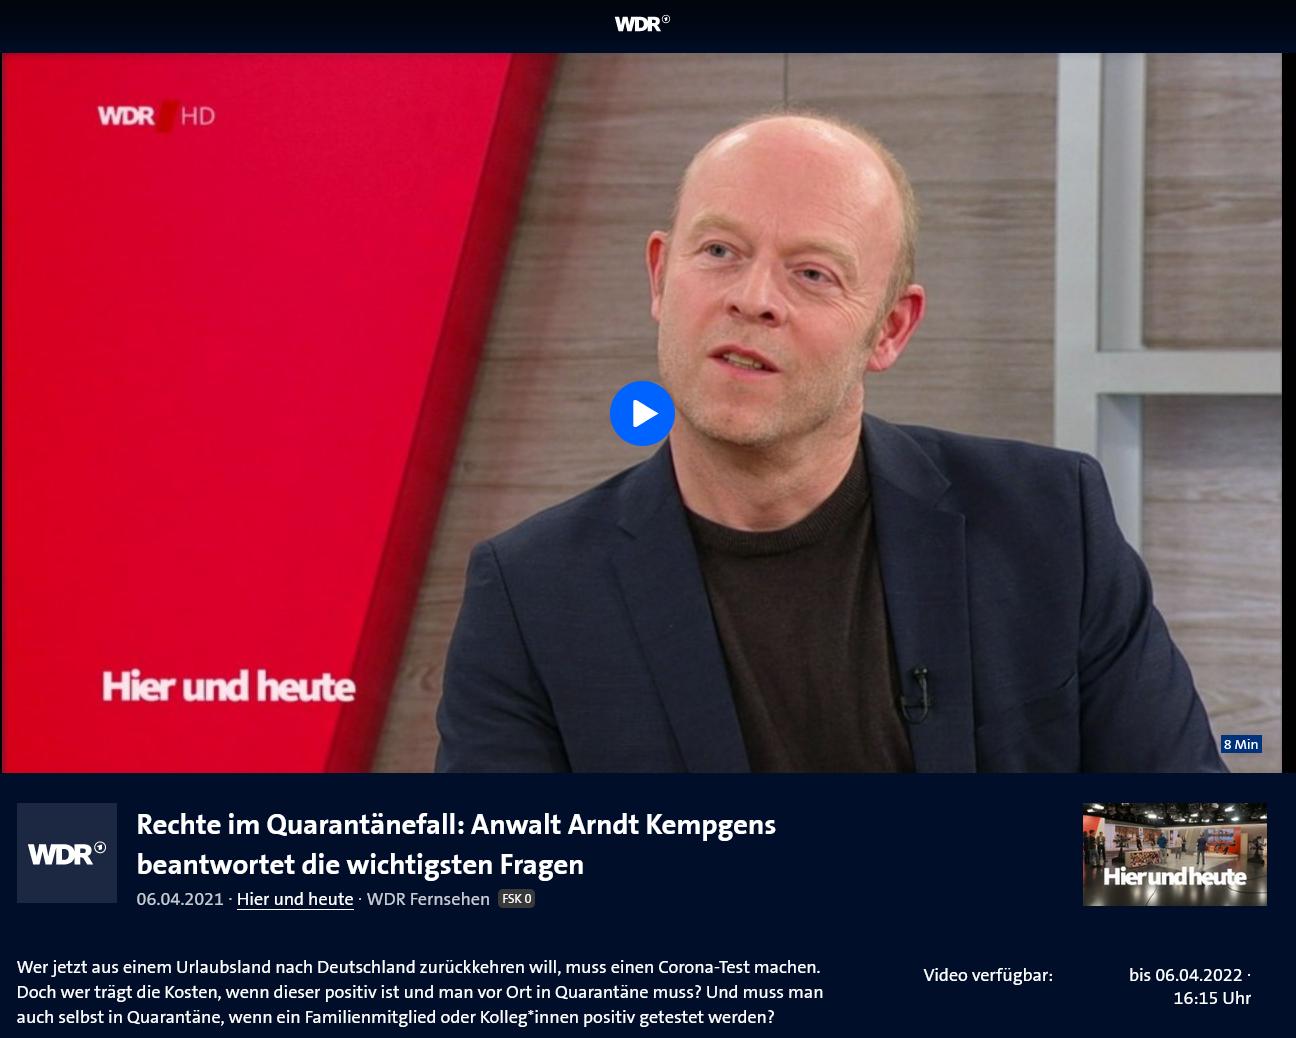 WDR Fernsehen hier&heute 6.4.21: Quarantäne im Urlaub. Das wichtigste für Urlauber und ArbeitnehmerInnen.